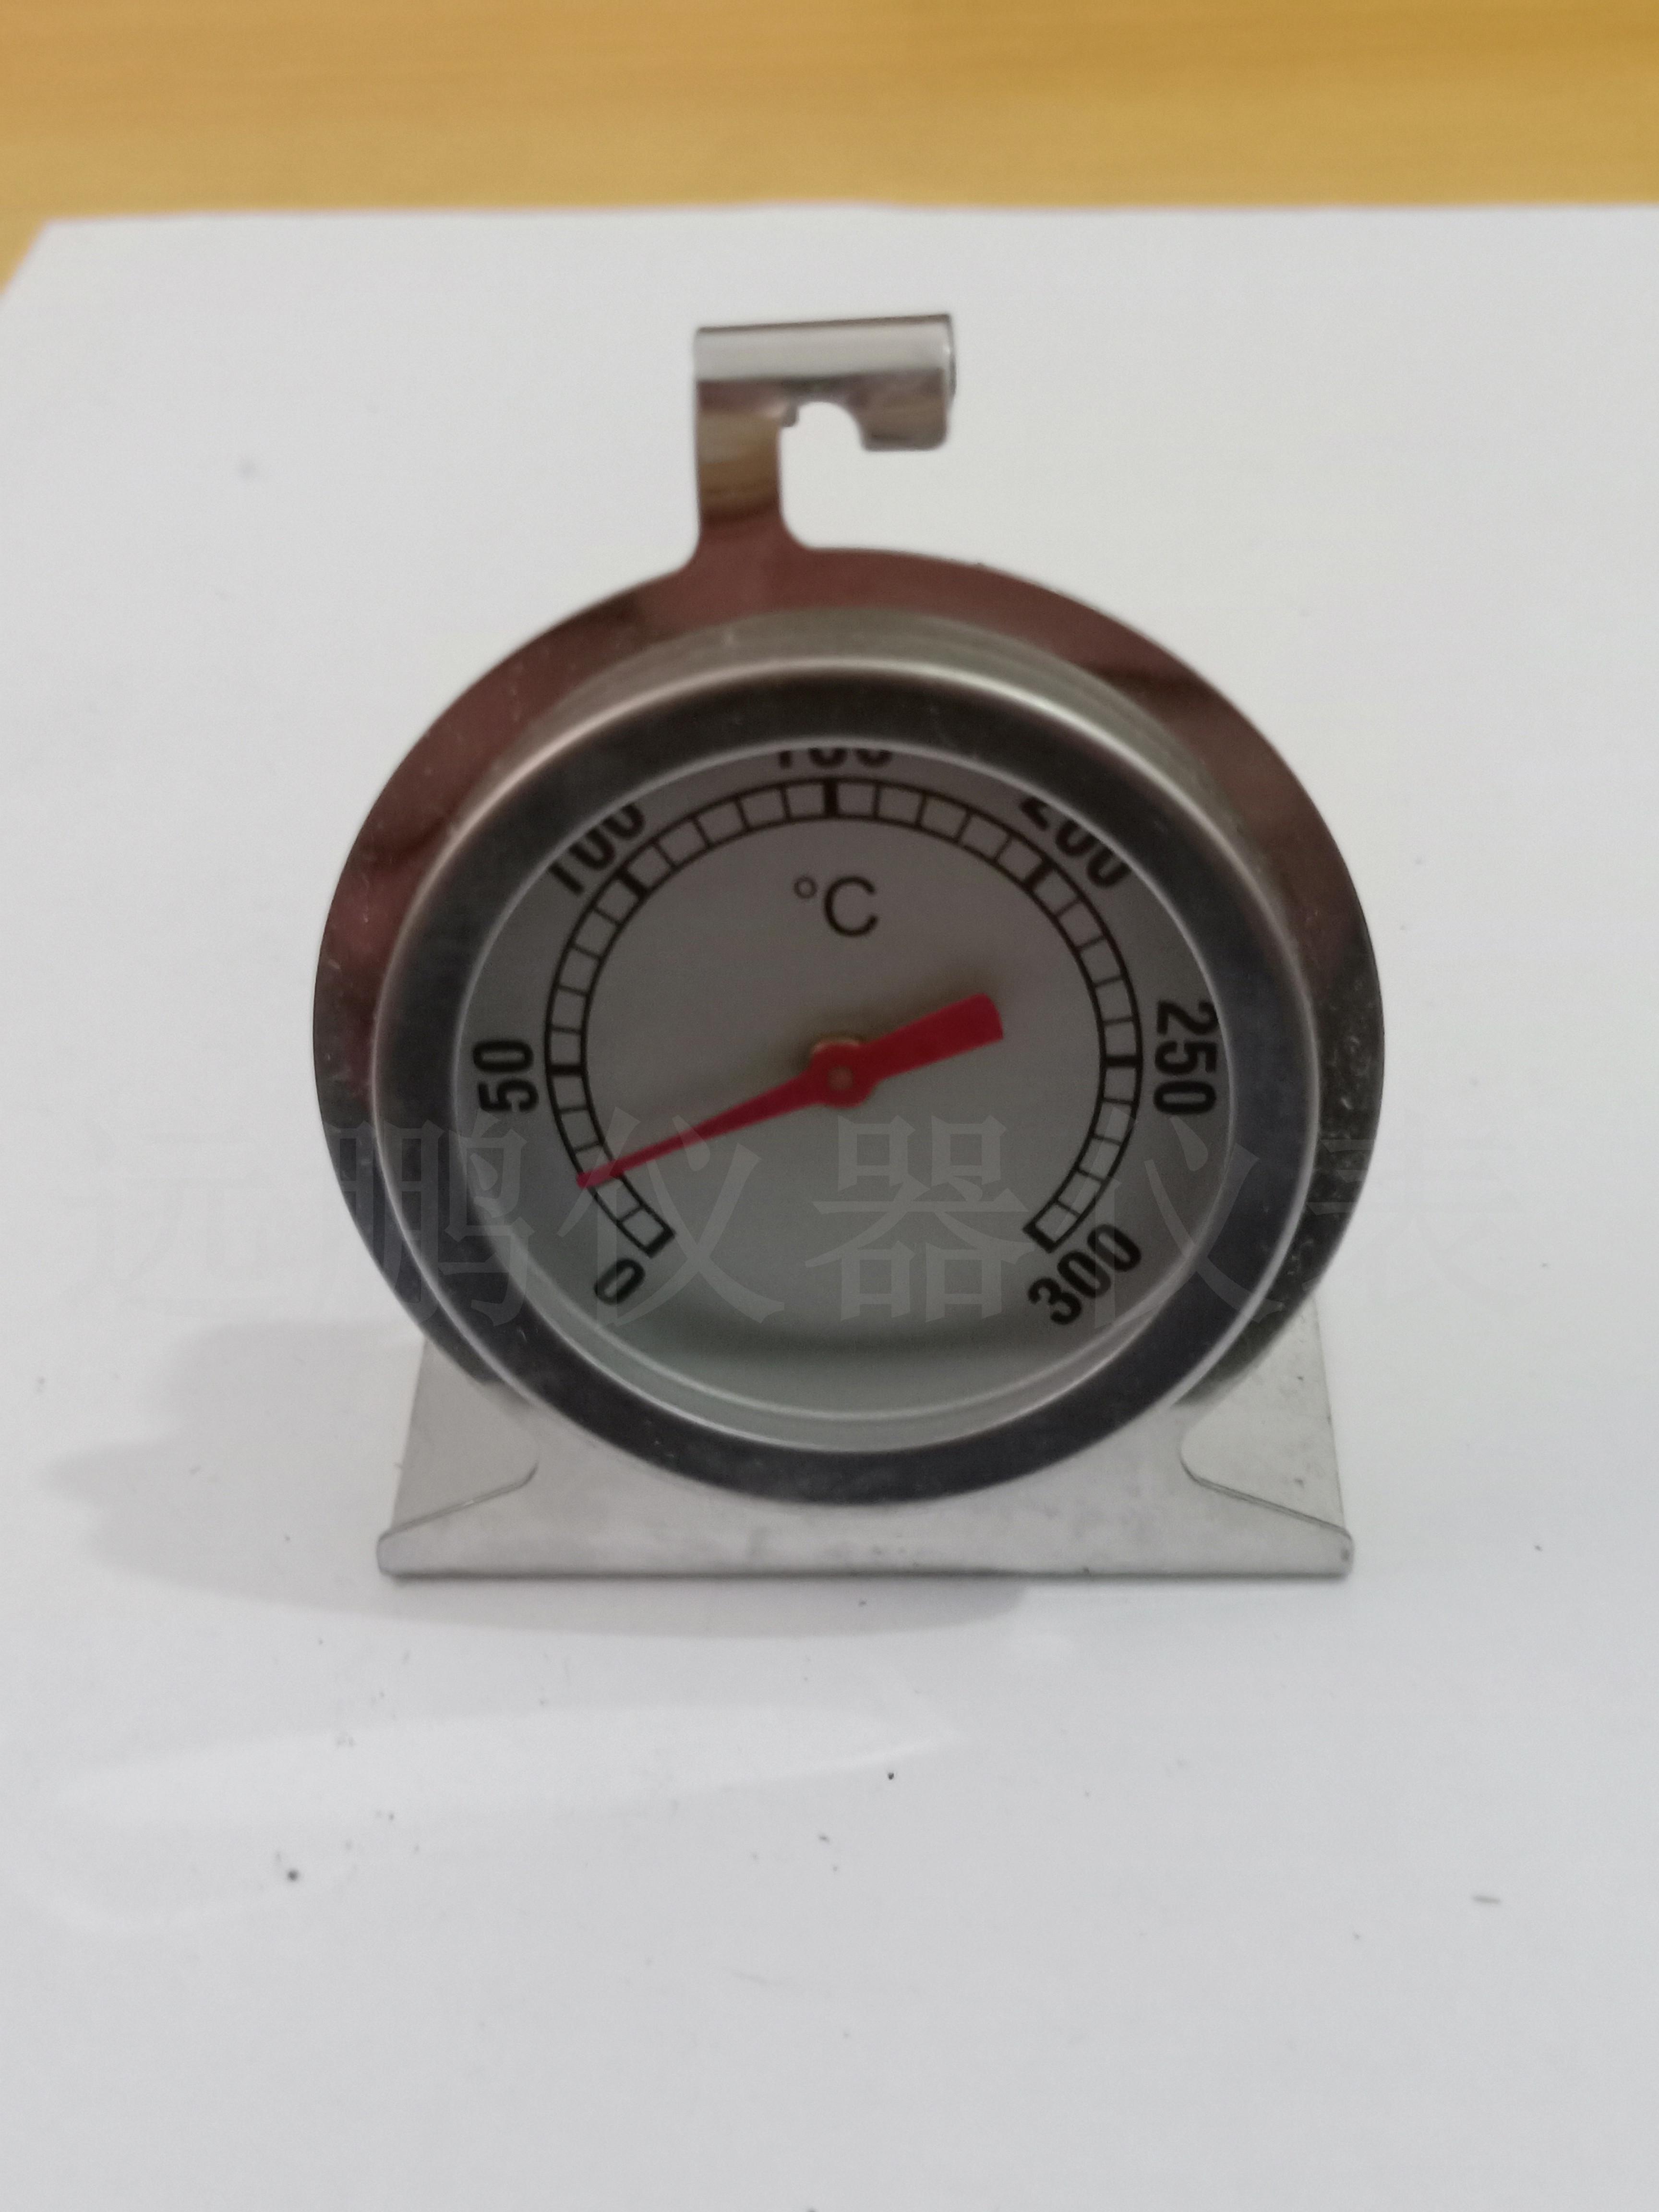 雙金屬烤箱溫度計 自立式烤箱溫度計 萬象指針烤箱溫度計批發